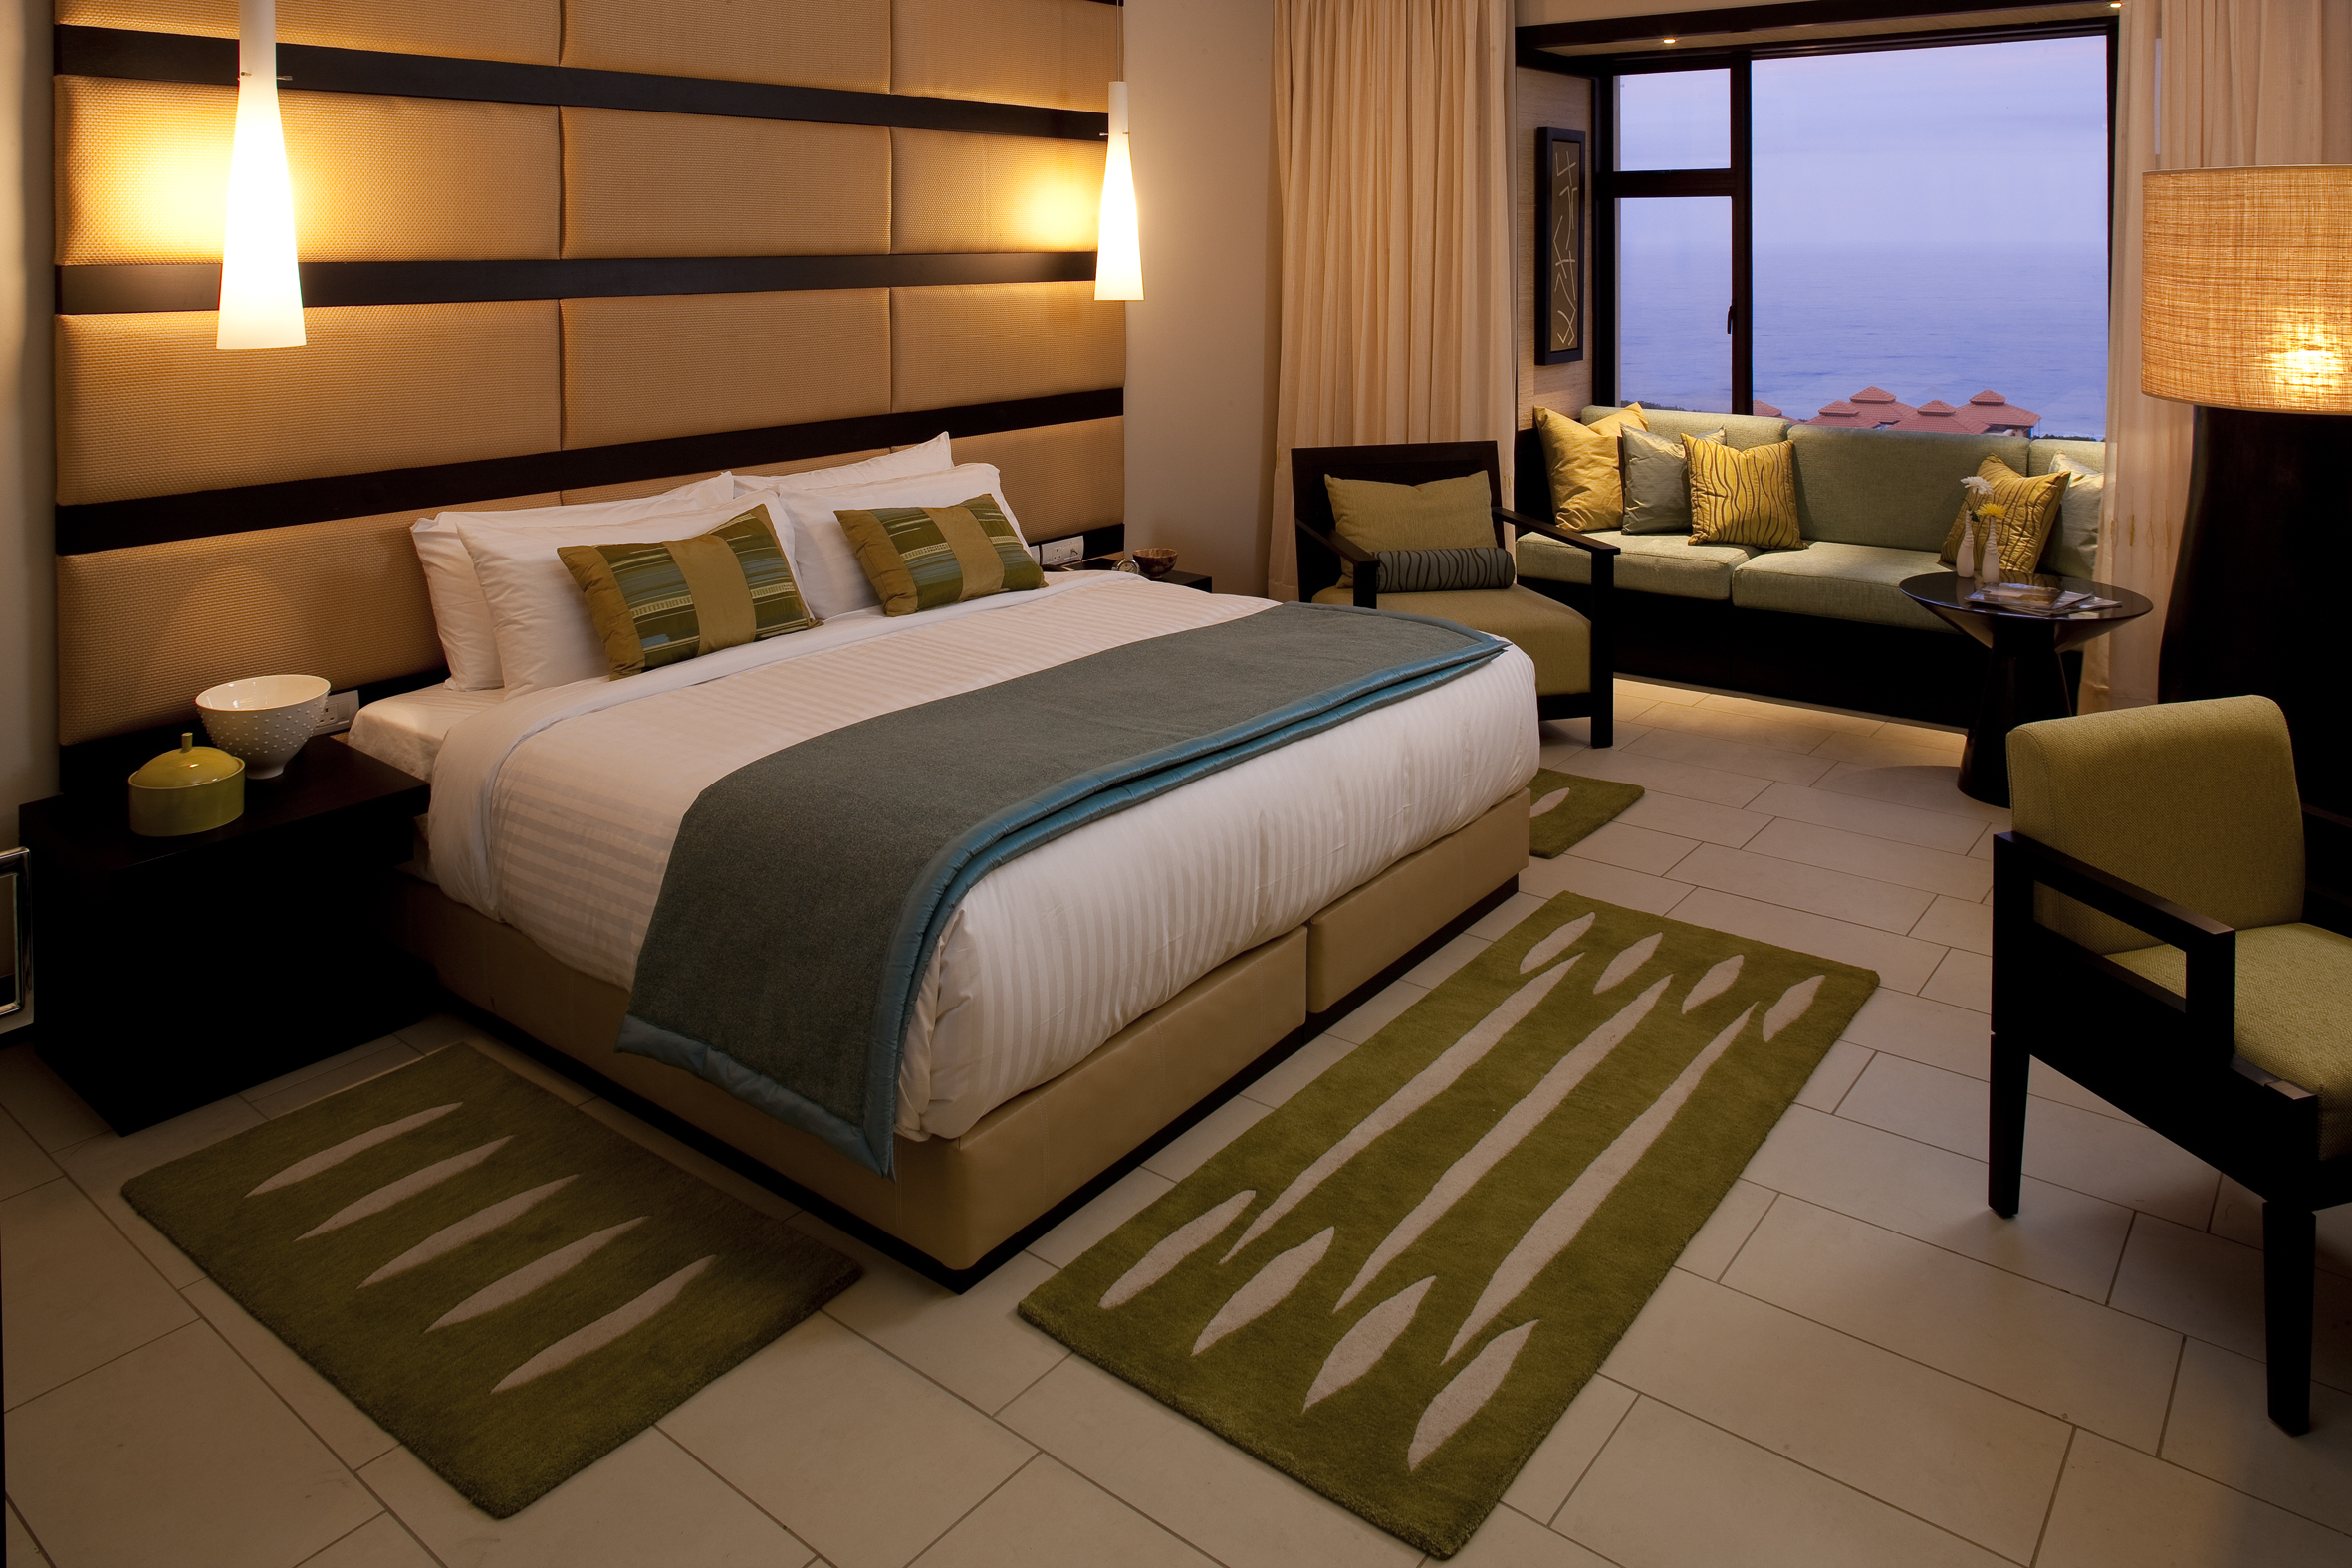 African bathroom decor - Fairmont Zimbali Resort Rooms